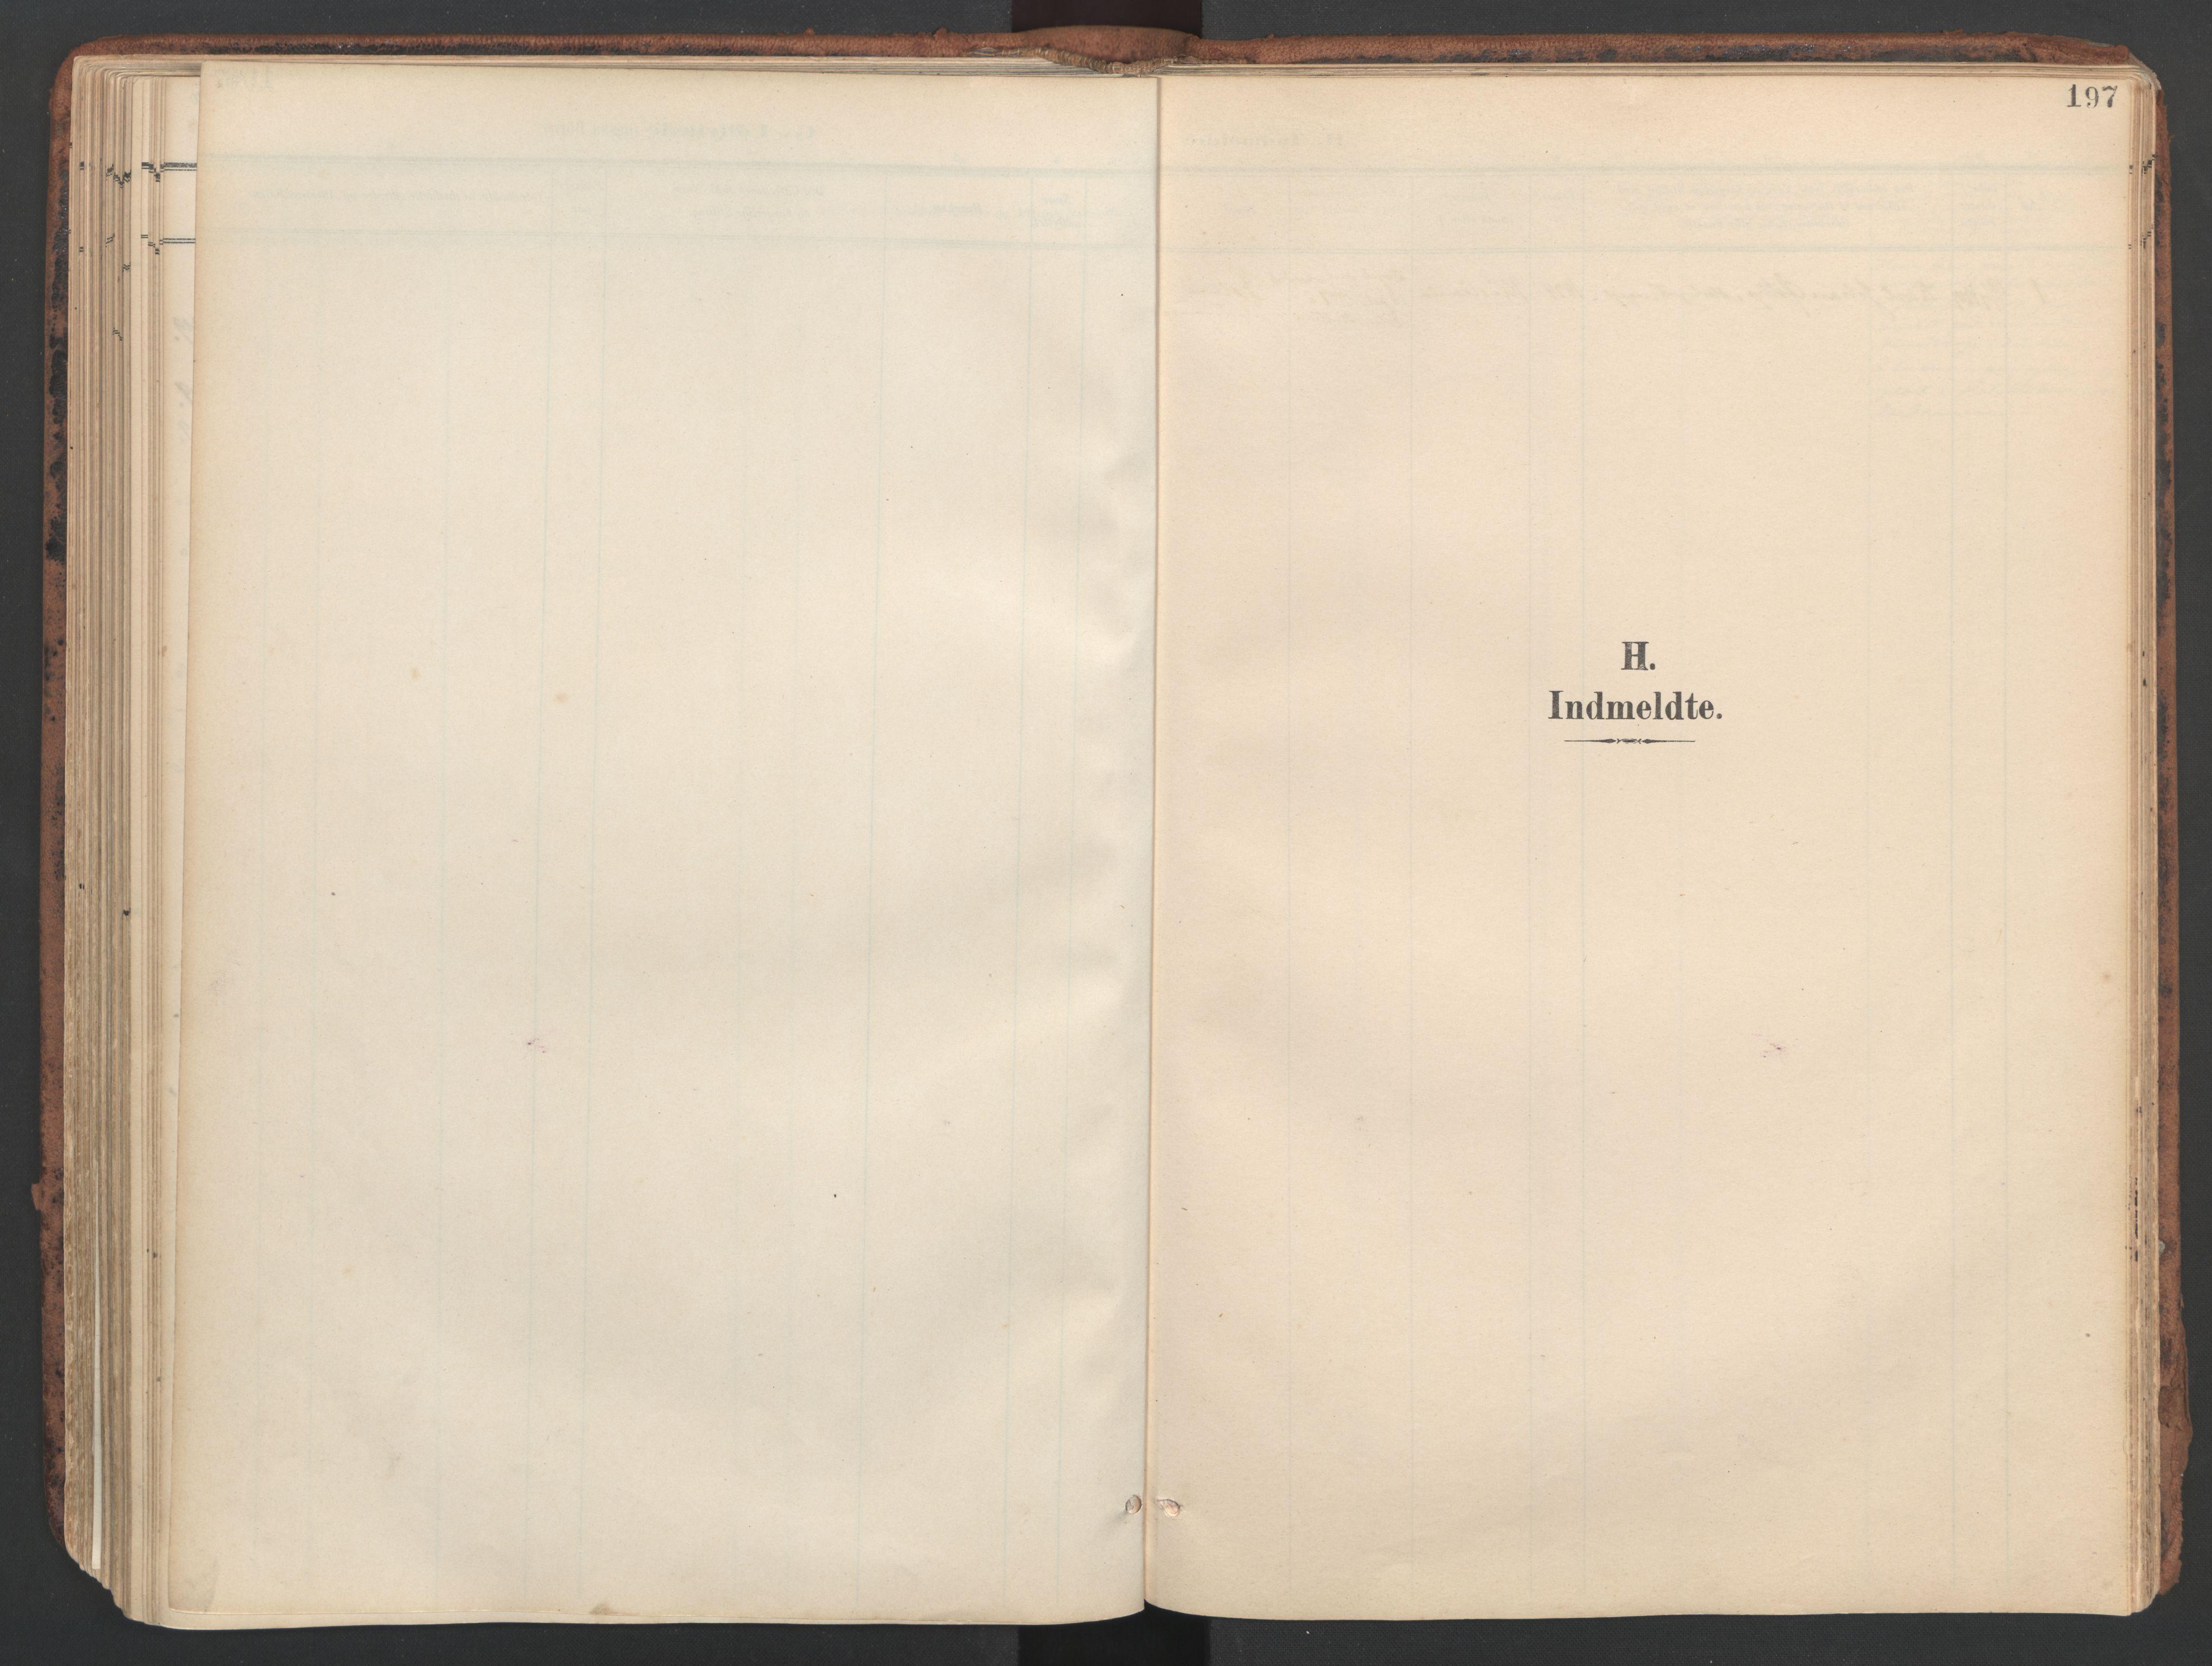 SAT, Ministerialprotokoller, klokkerbøker og fødselsregistre - Sør-Trøndelag, 634/L0537: Ministerialbok nr. 634A13, 1896-1922, s. 197